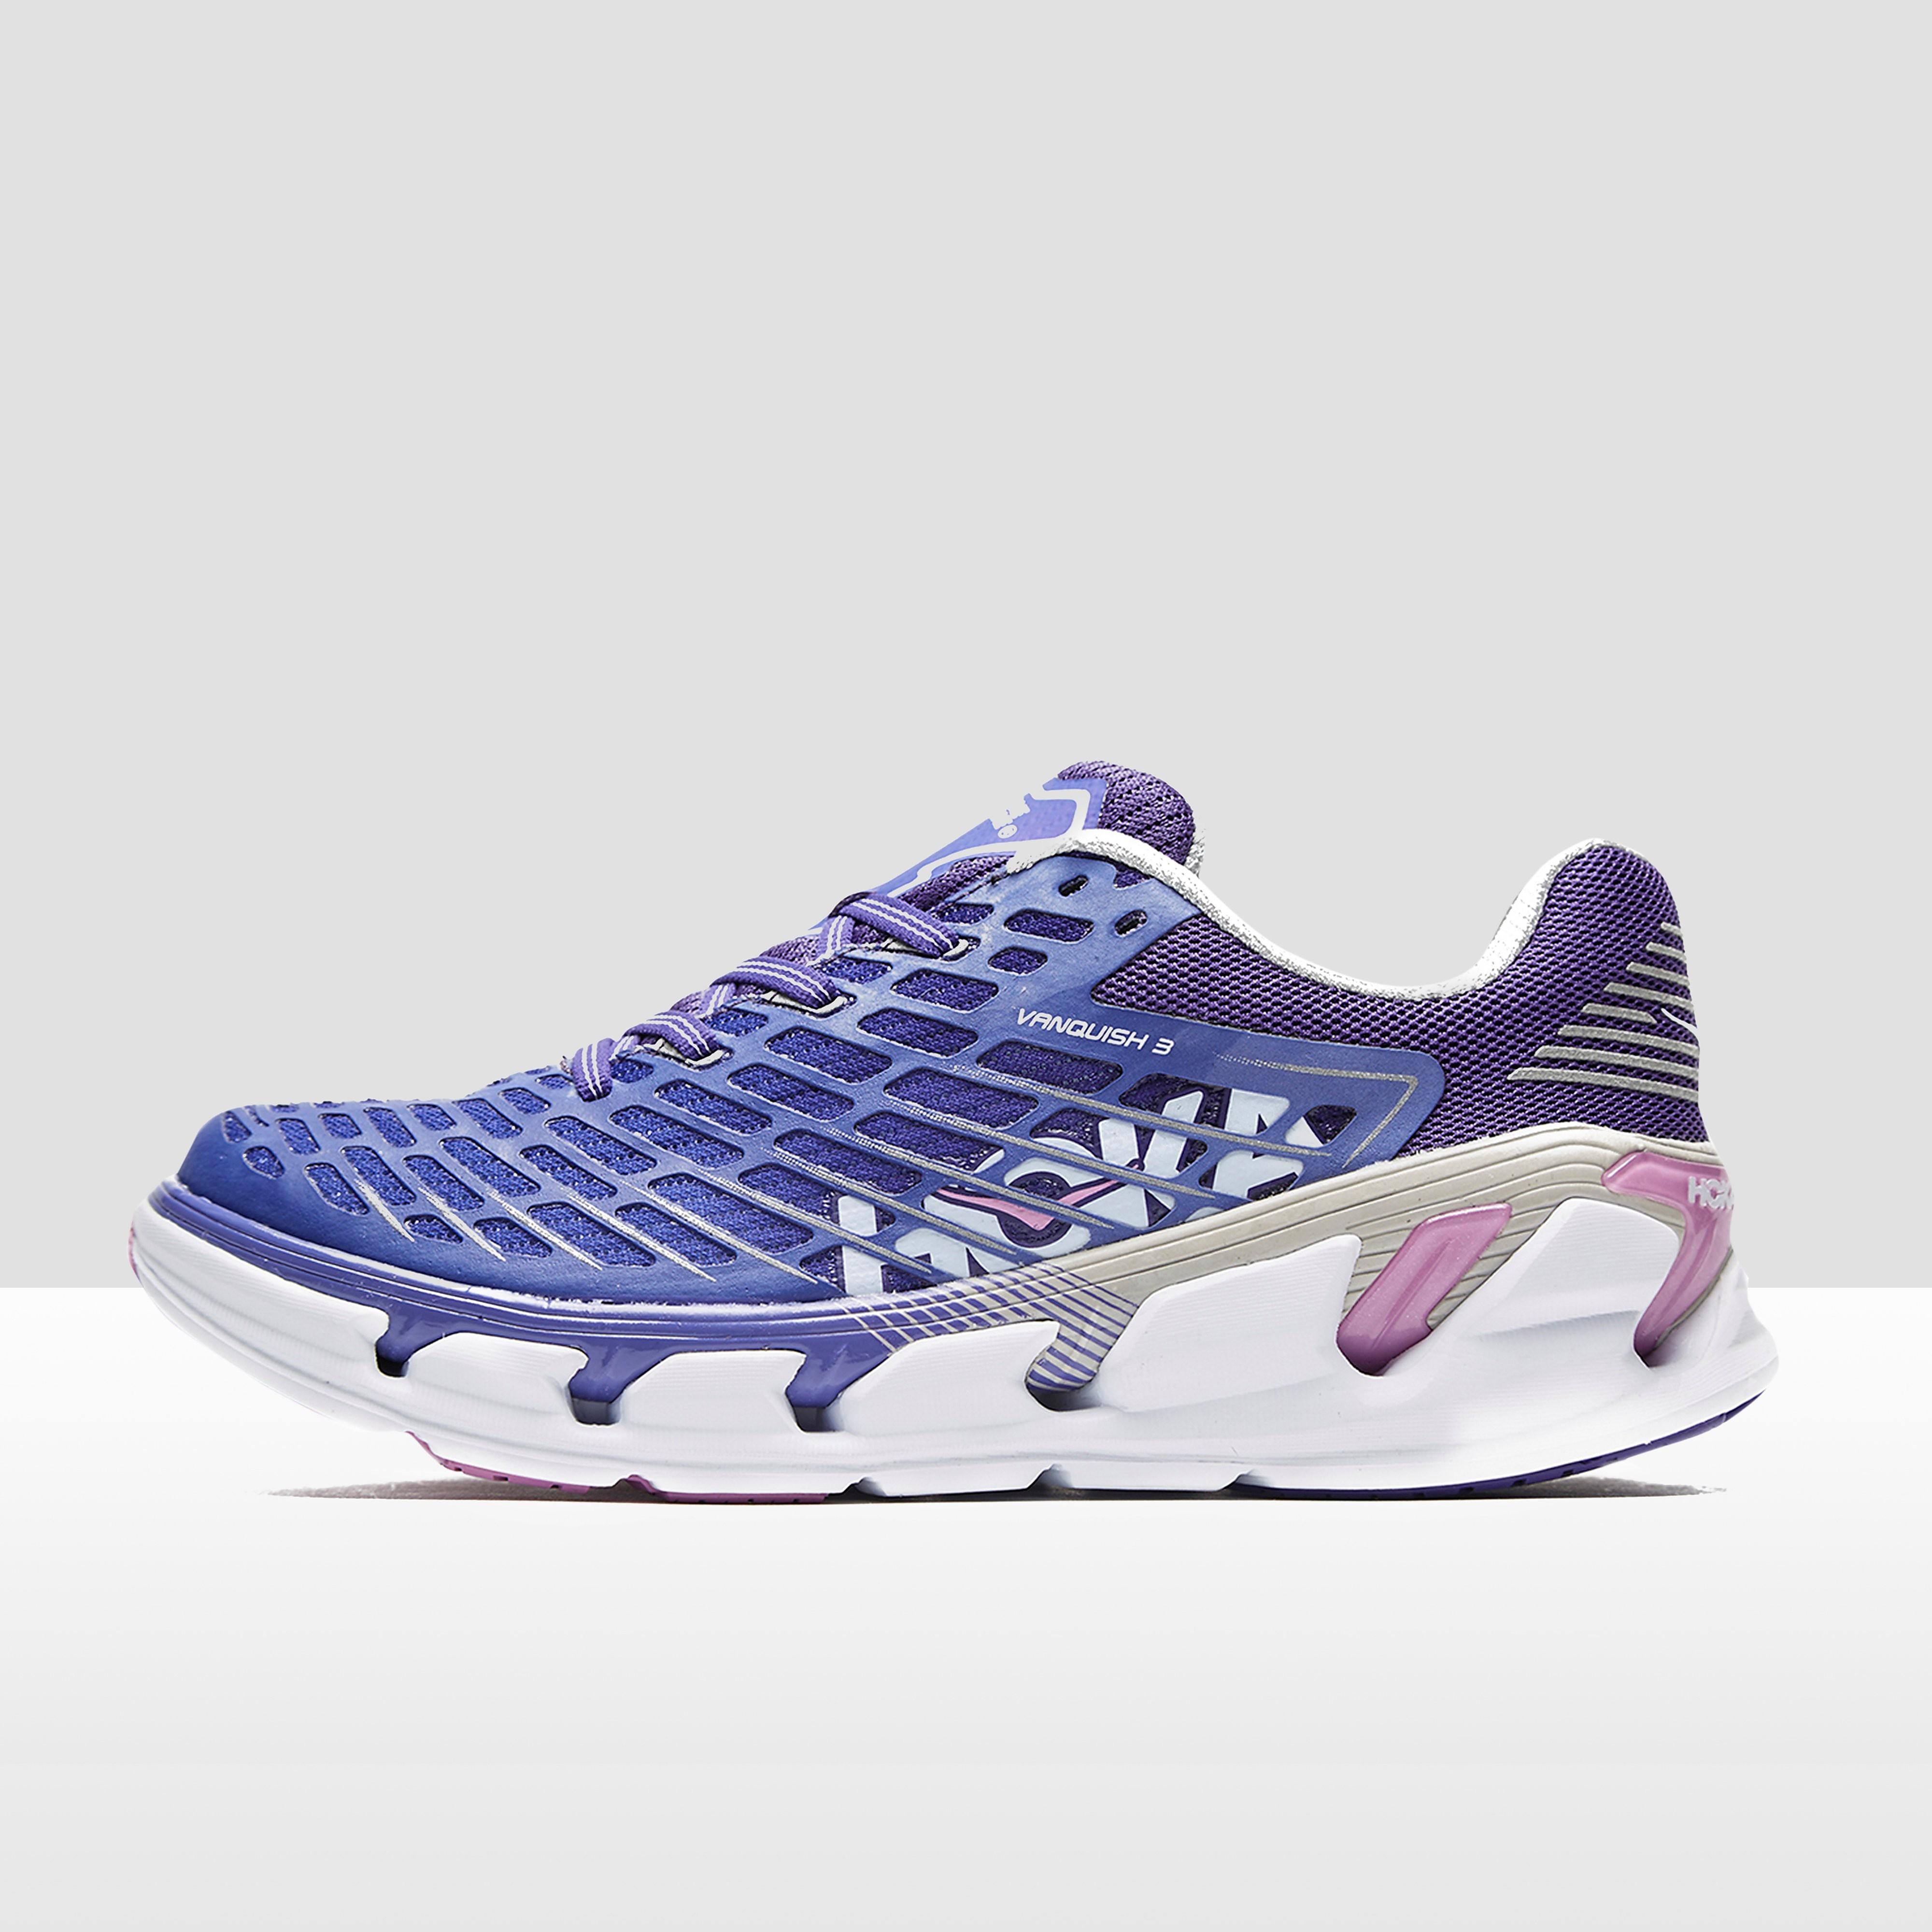 Hoka One One Women's Vanquish 3 Running Shoes